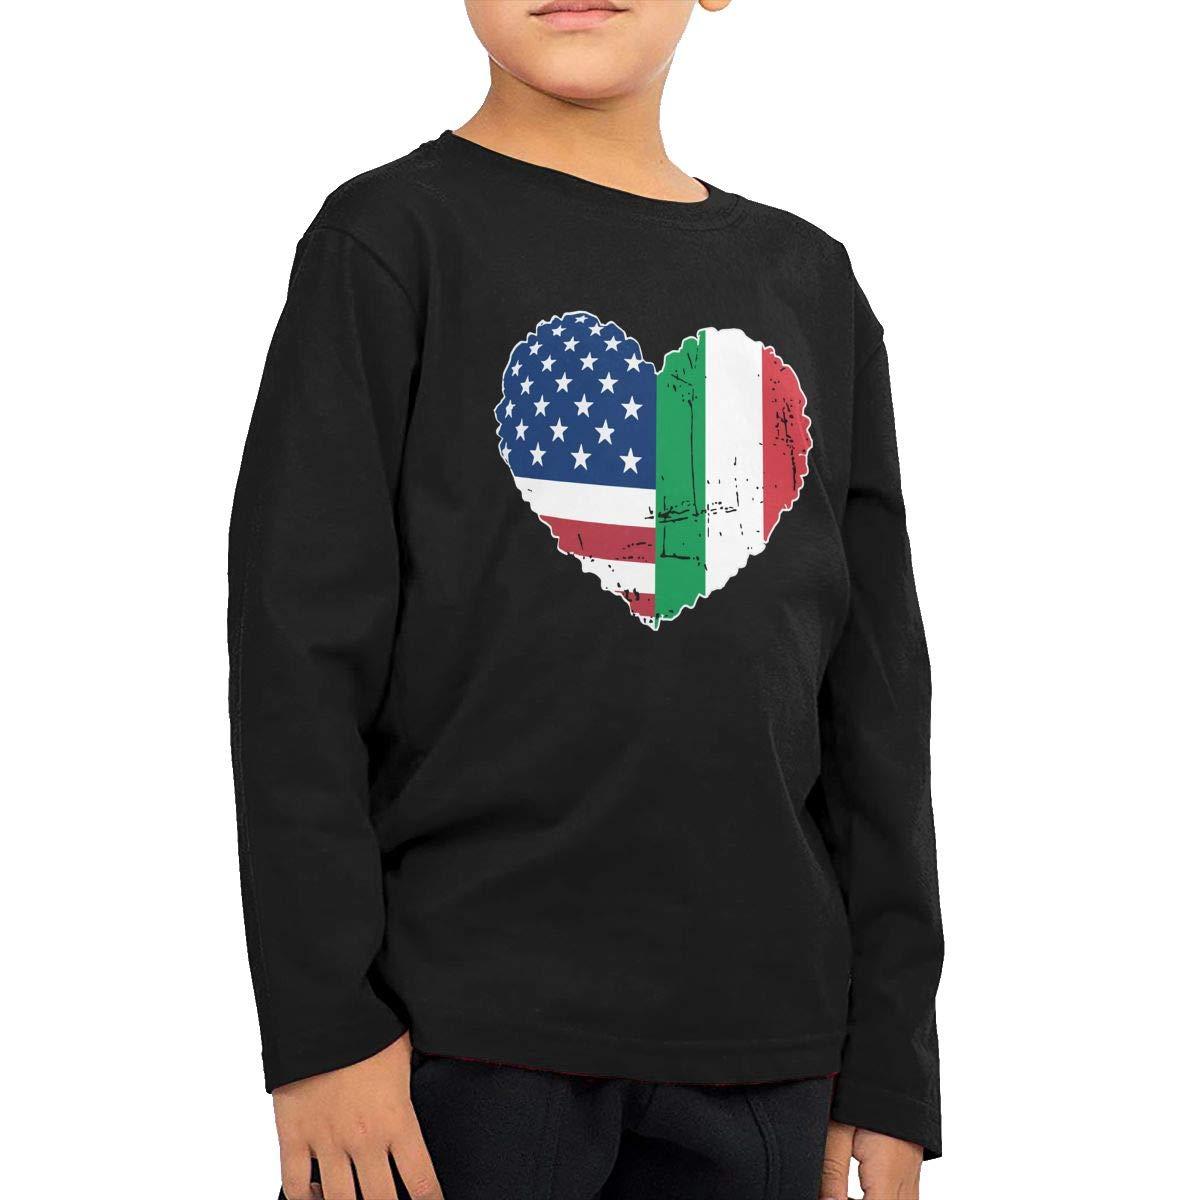 CERTONGCXTS Little Girls Italian USA Flag Heart ComfortSoft Long Sleeve T-Shirt